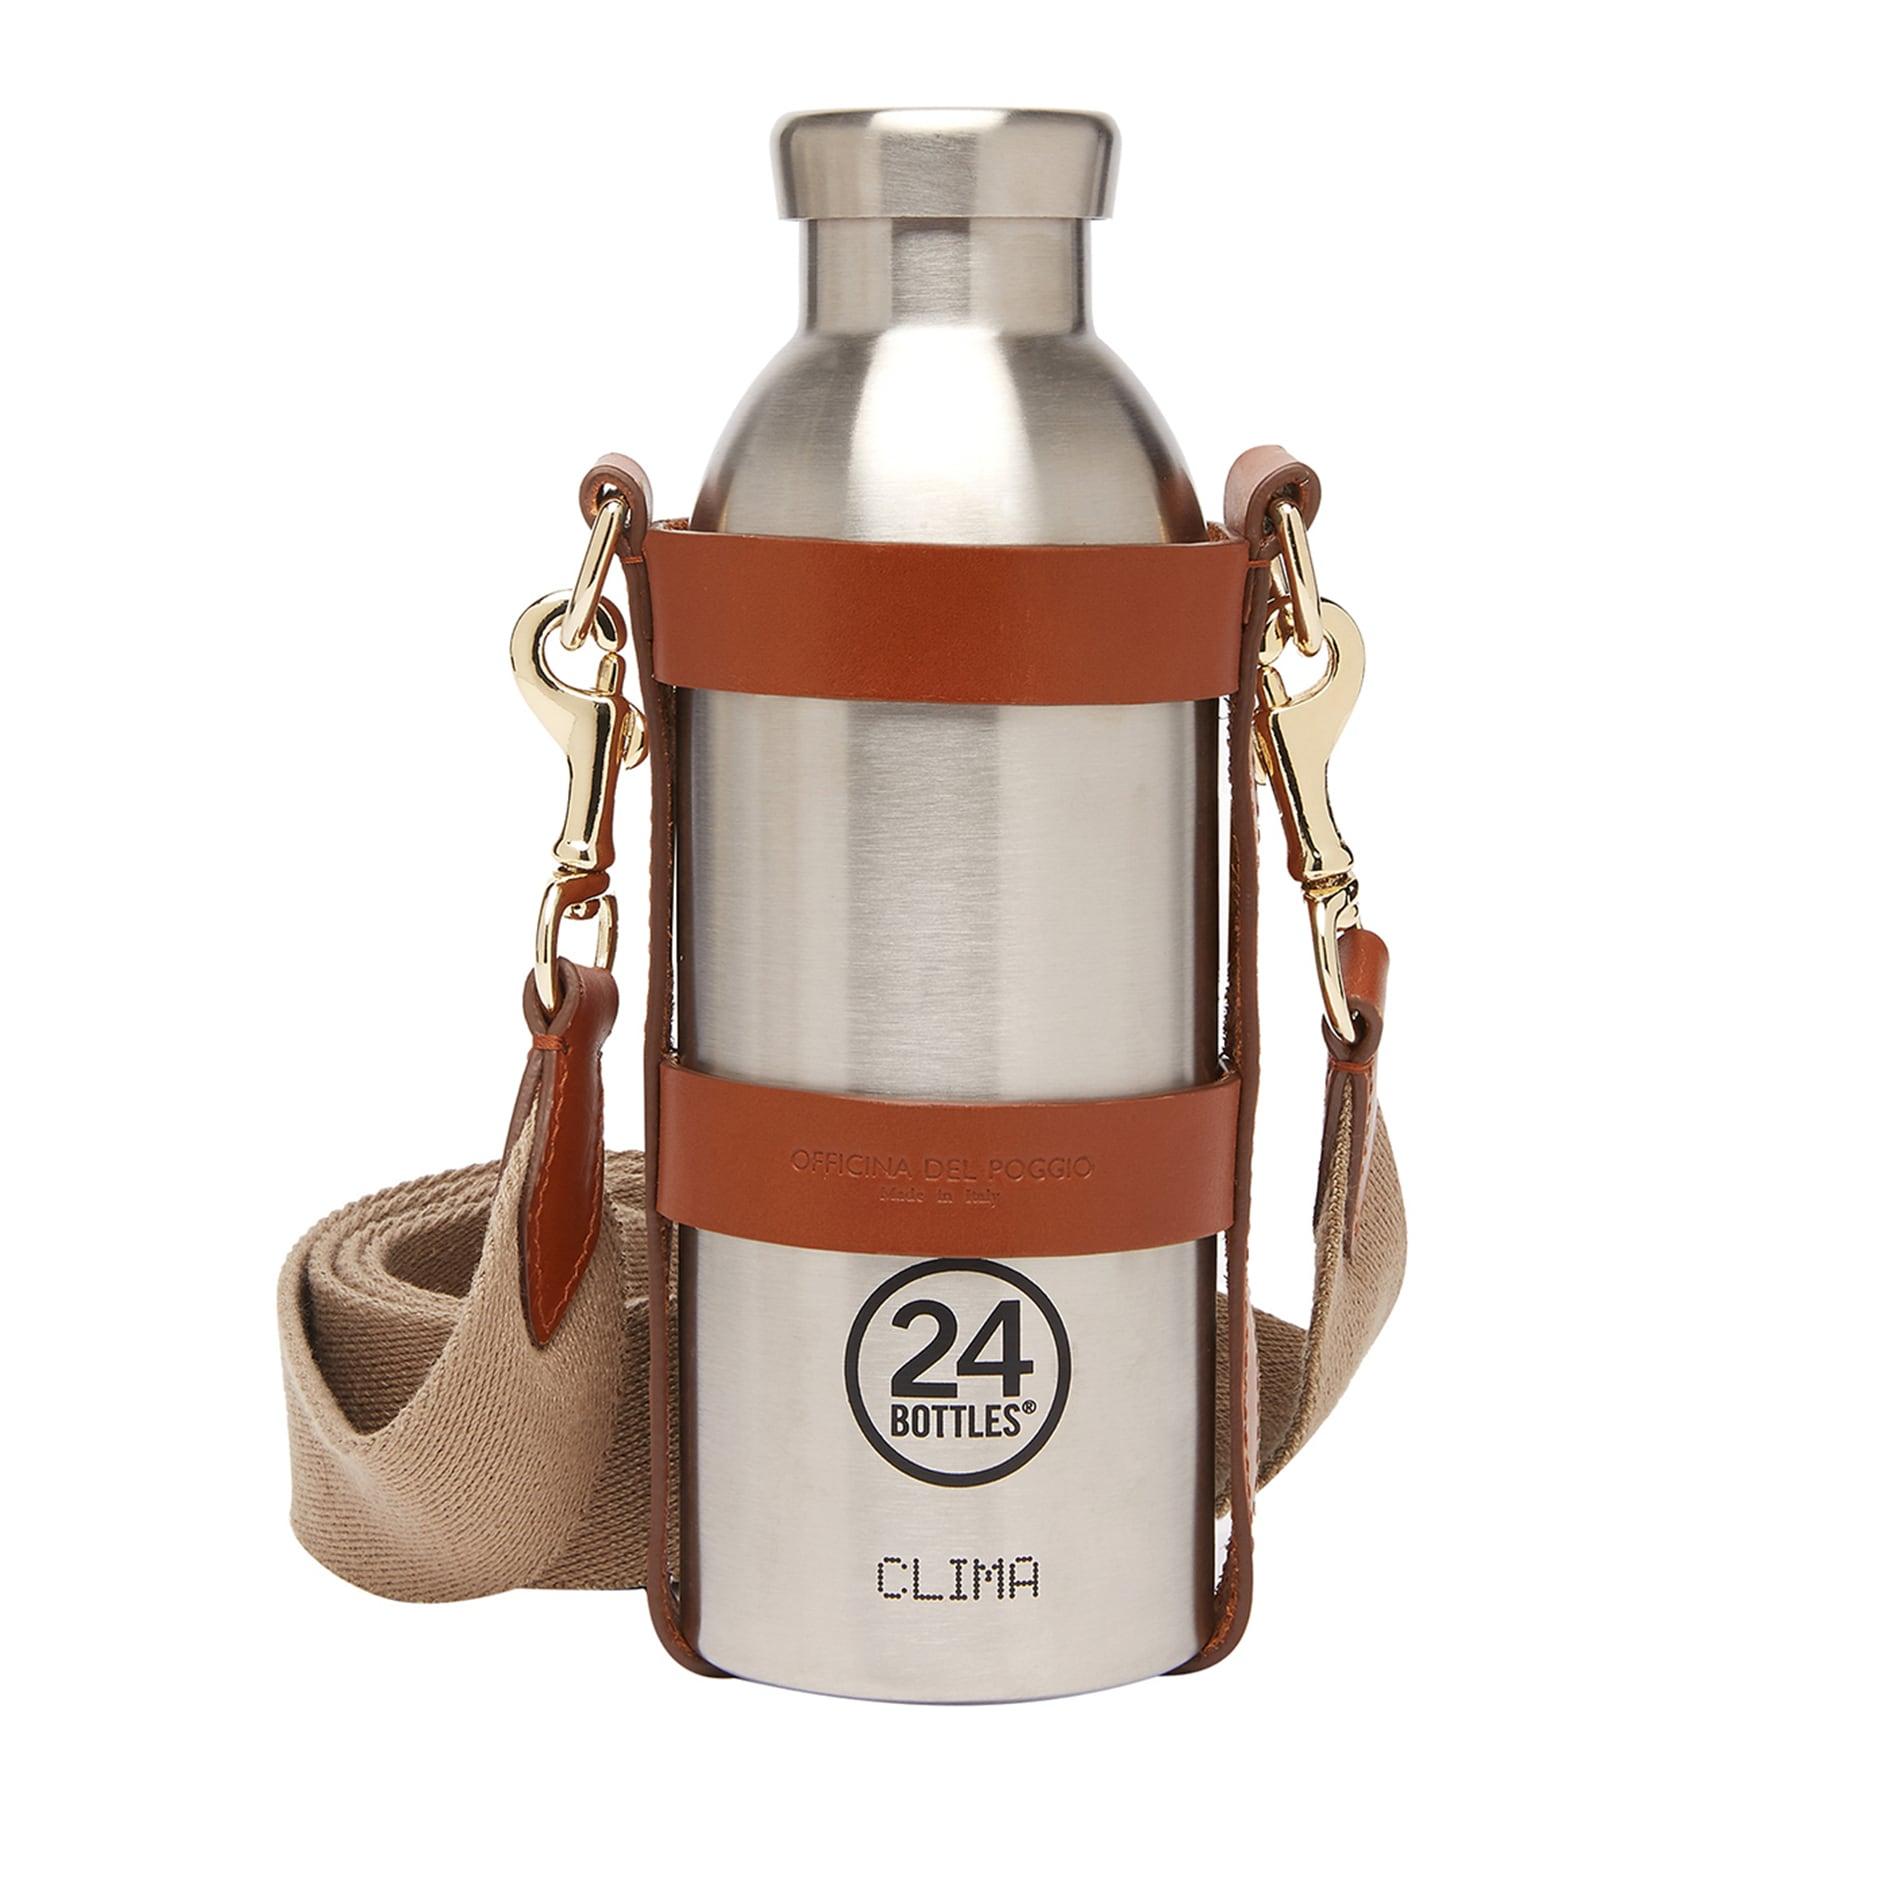 Bottiglia termica, in acciaio con tracolla in pelle, 24BOTTLES x OFFICINA DEL POGGIO (202 €).